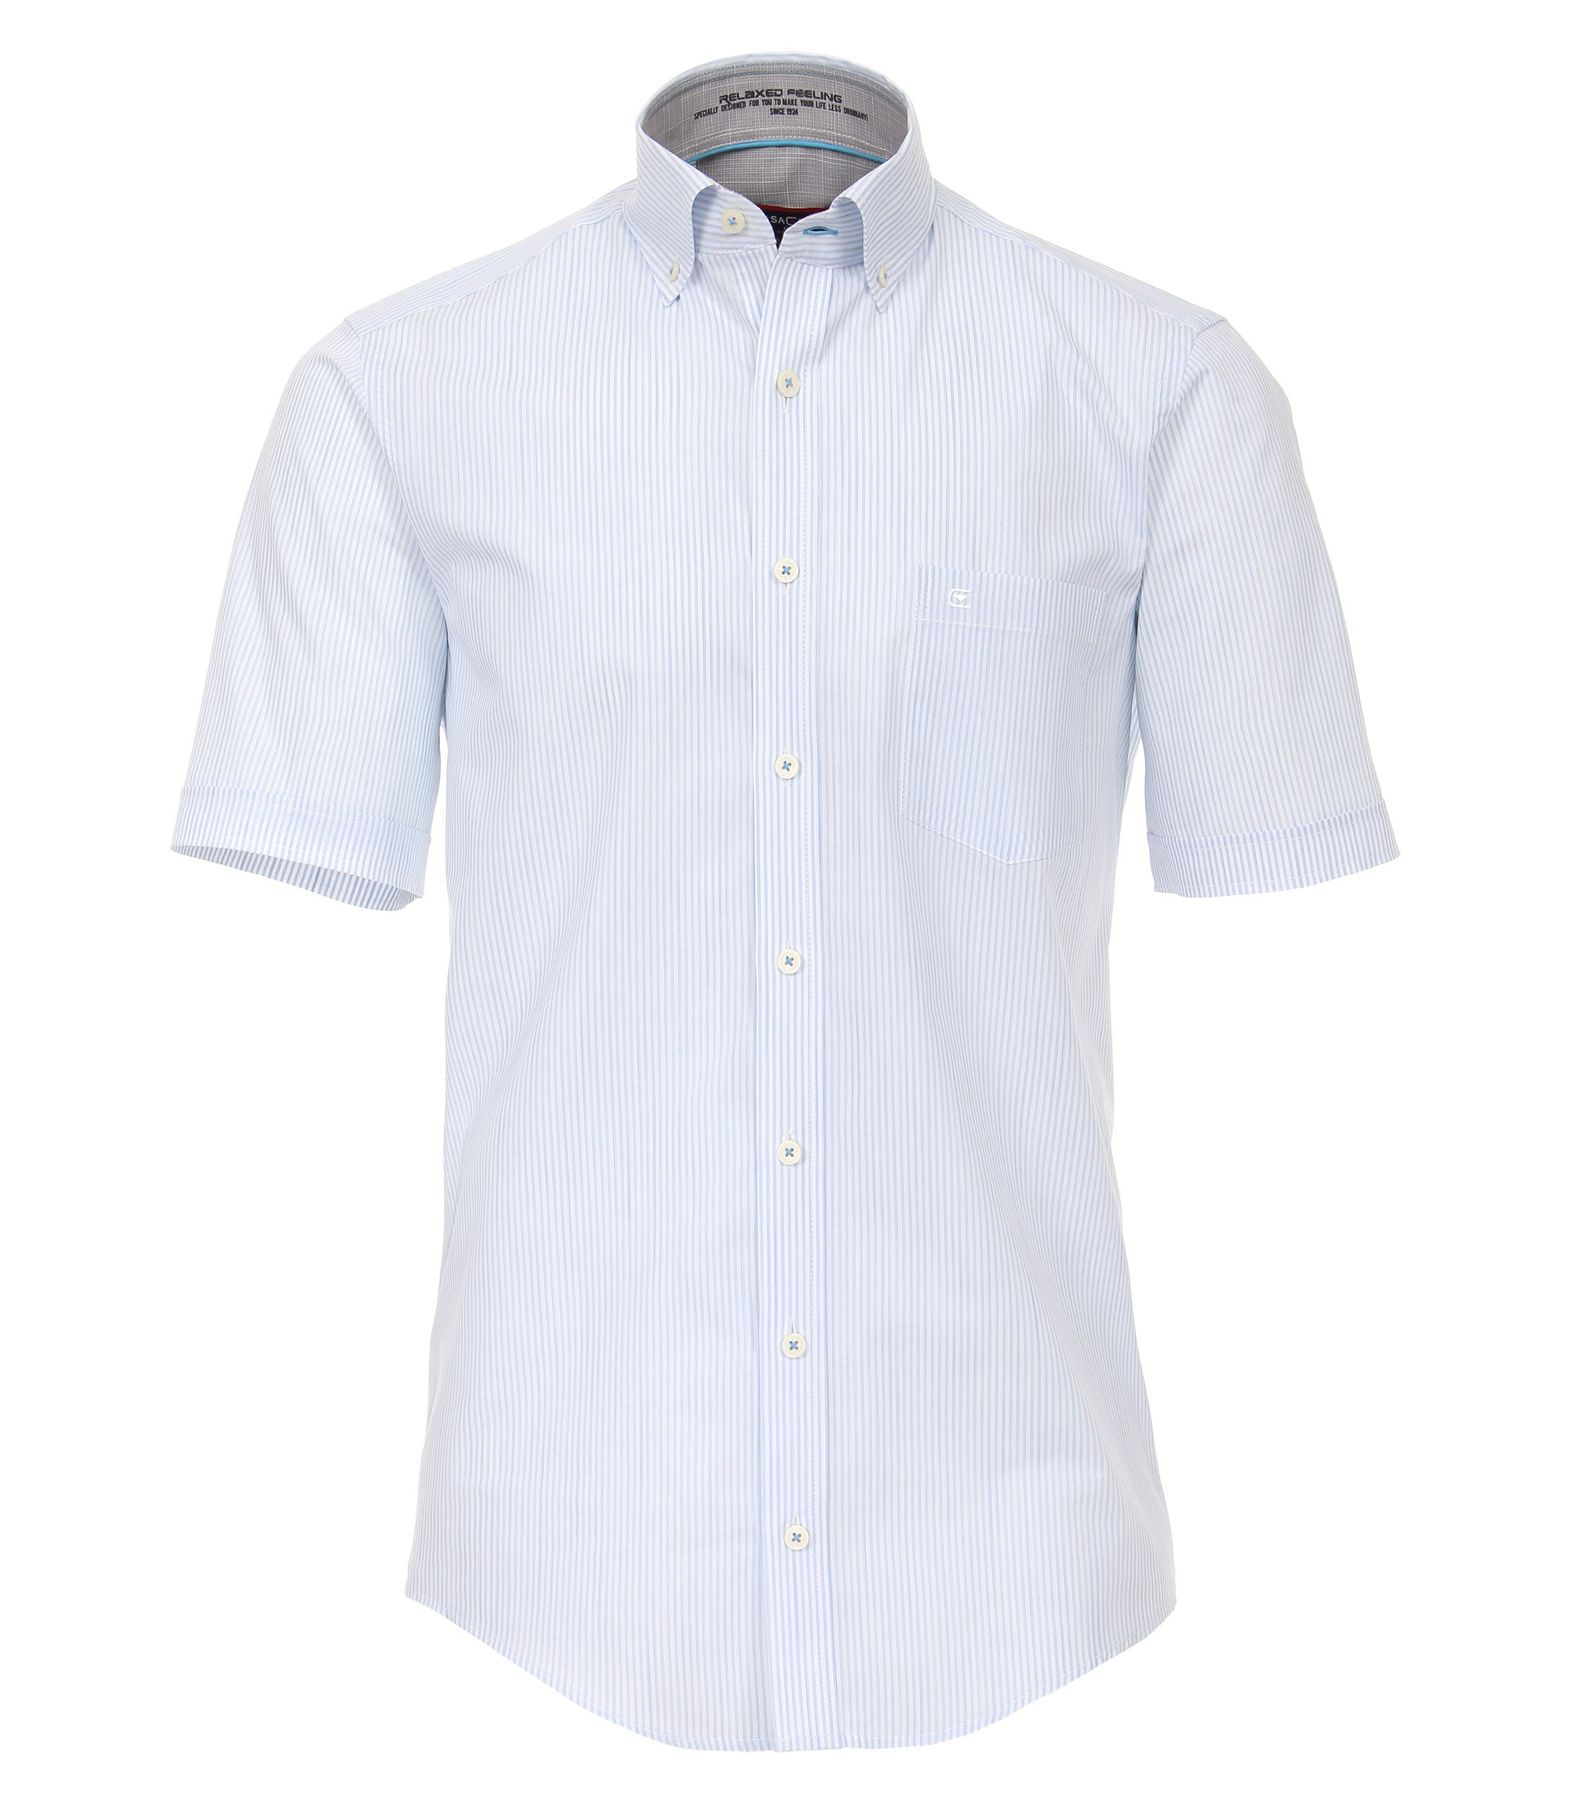 Casa Moda - Casual Fit - Blau gestreiftes Herren Halbarm Hemd mit Button Down Kragen (982947500A)